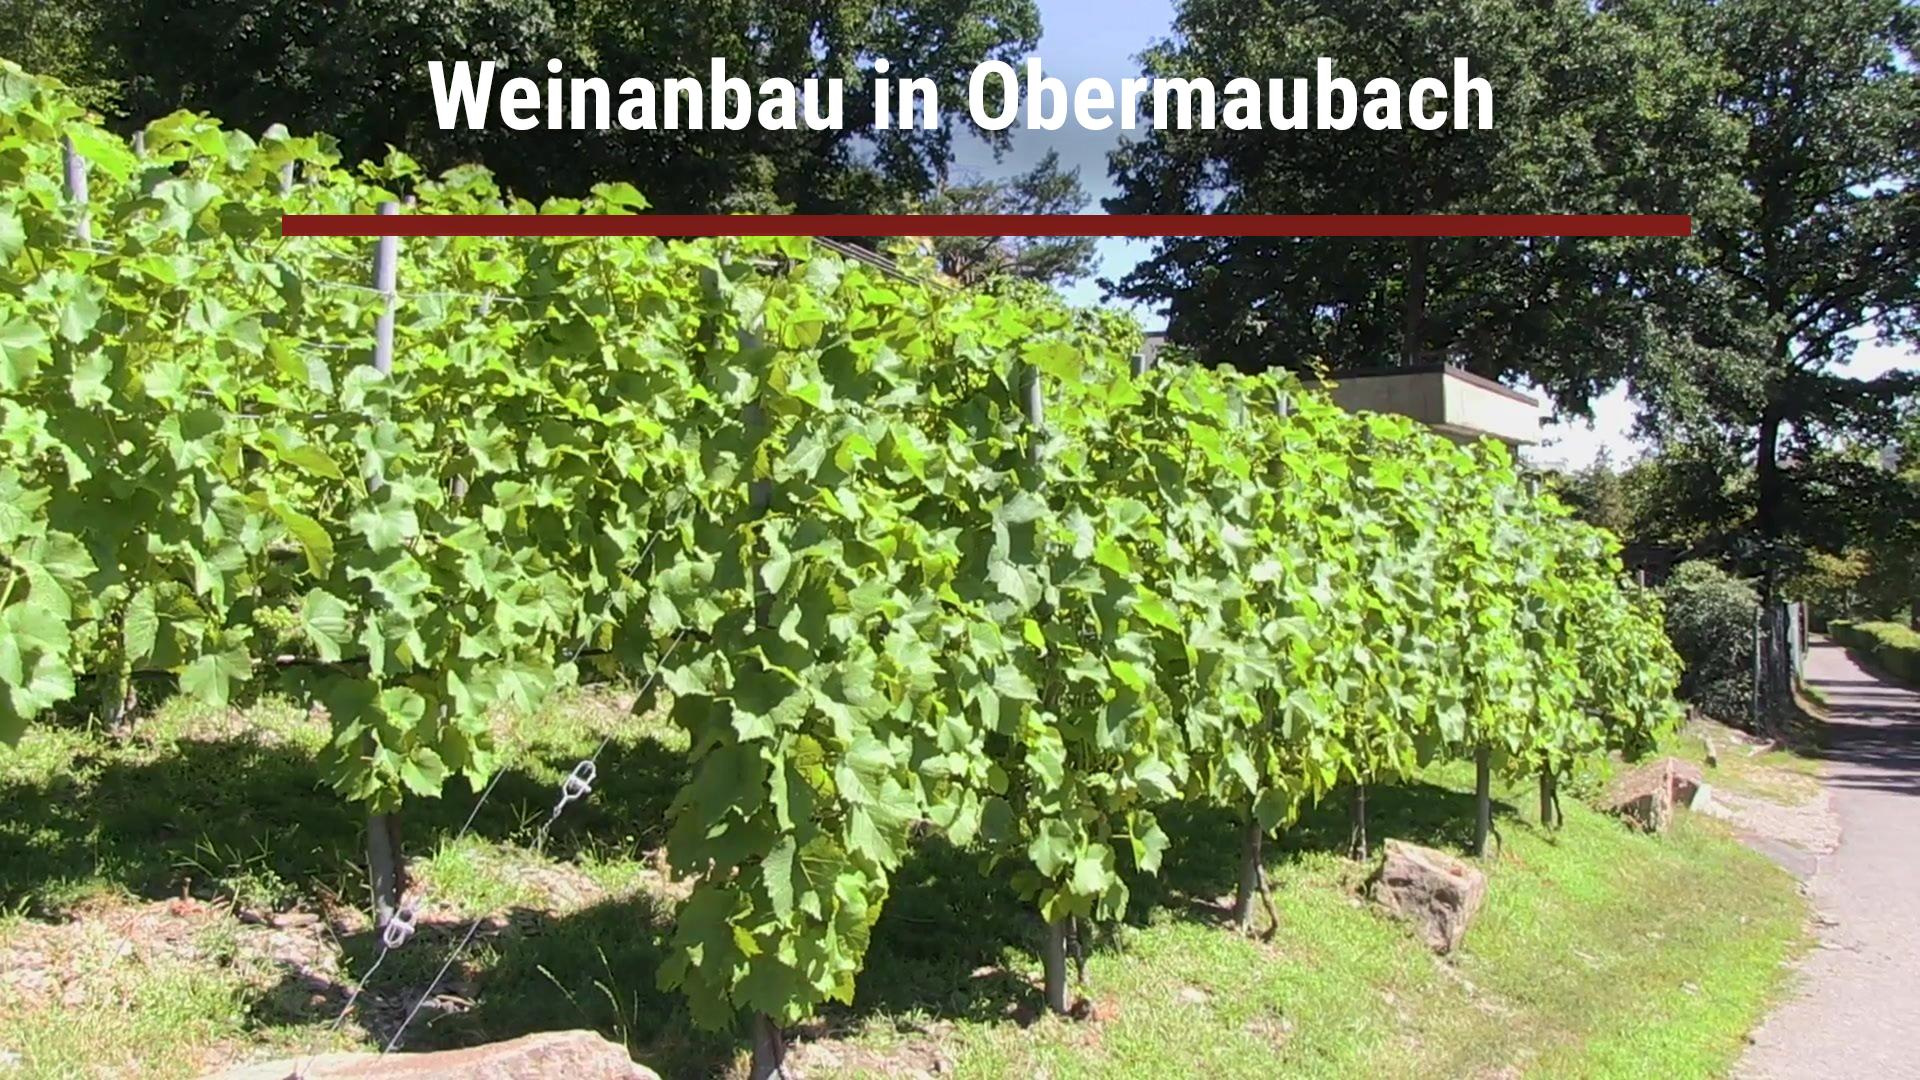 Viticulture in Obermaubach